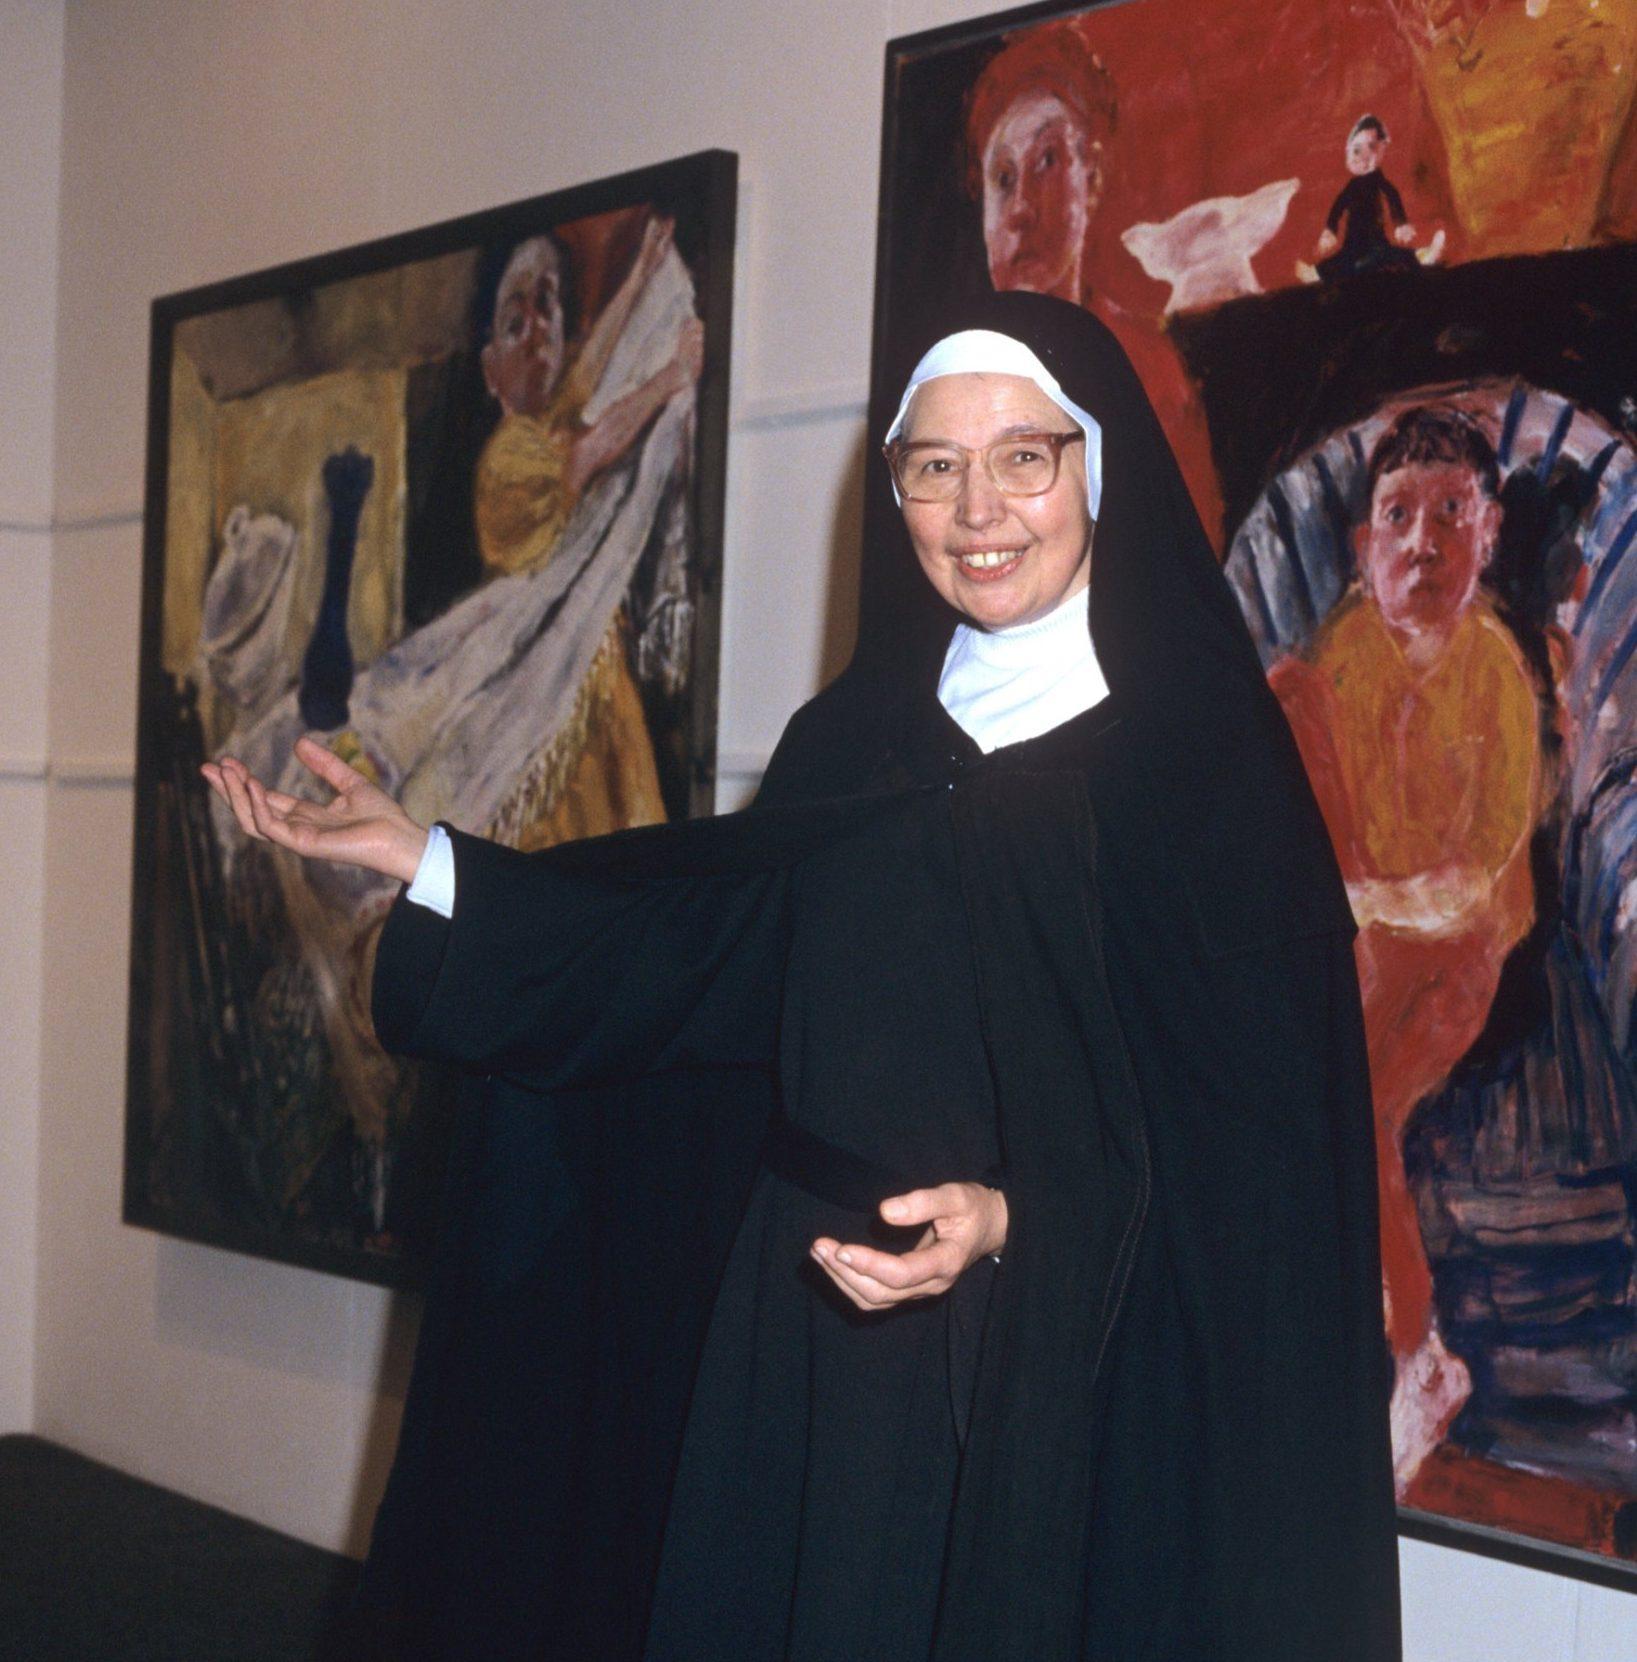 Mandatory Credit: Photo by Stephen Barker/REX/Shutterstock (212246e) Sister Wendy Beckett Sister Wendy Beckett - 1993